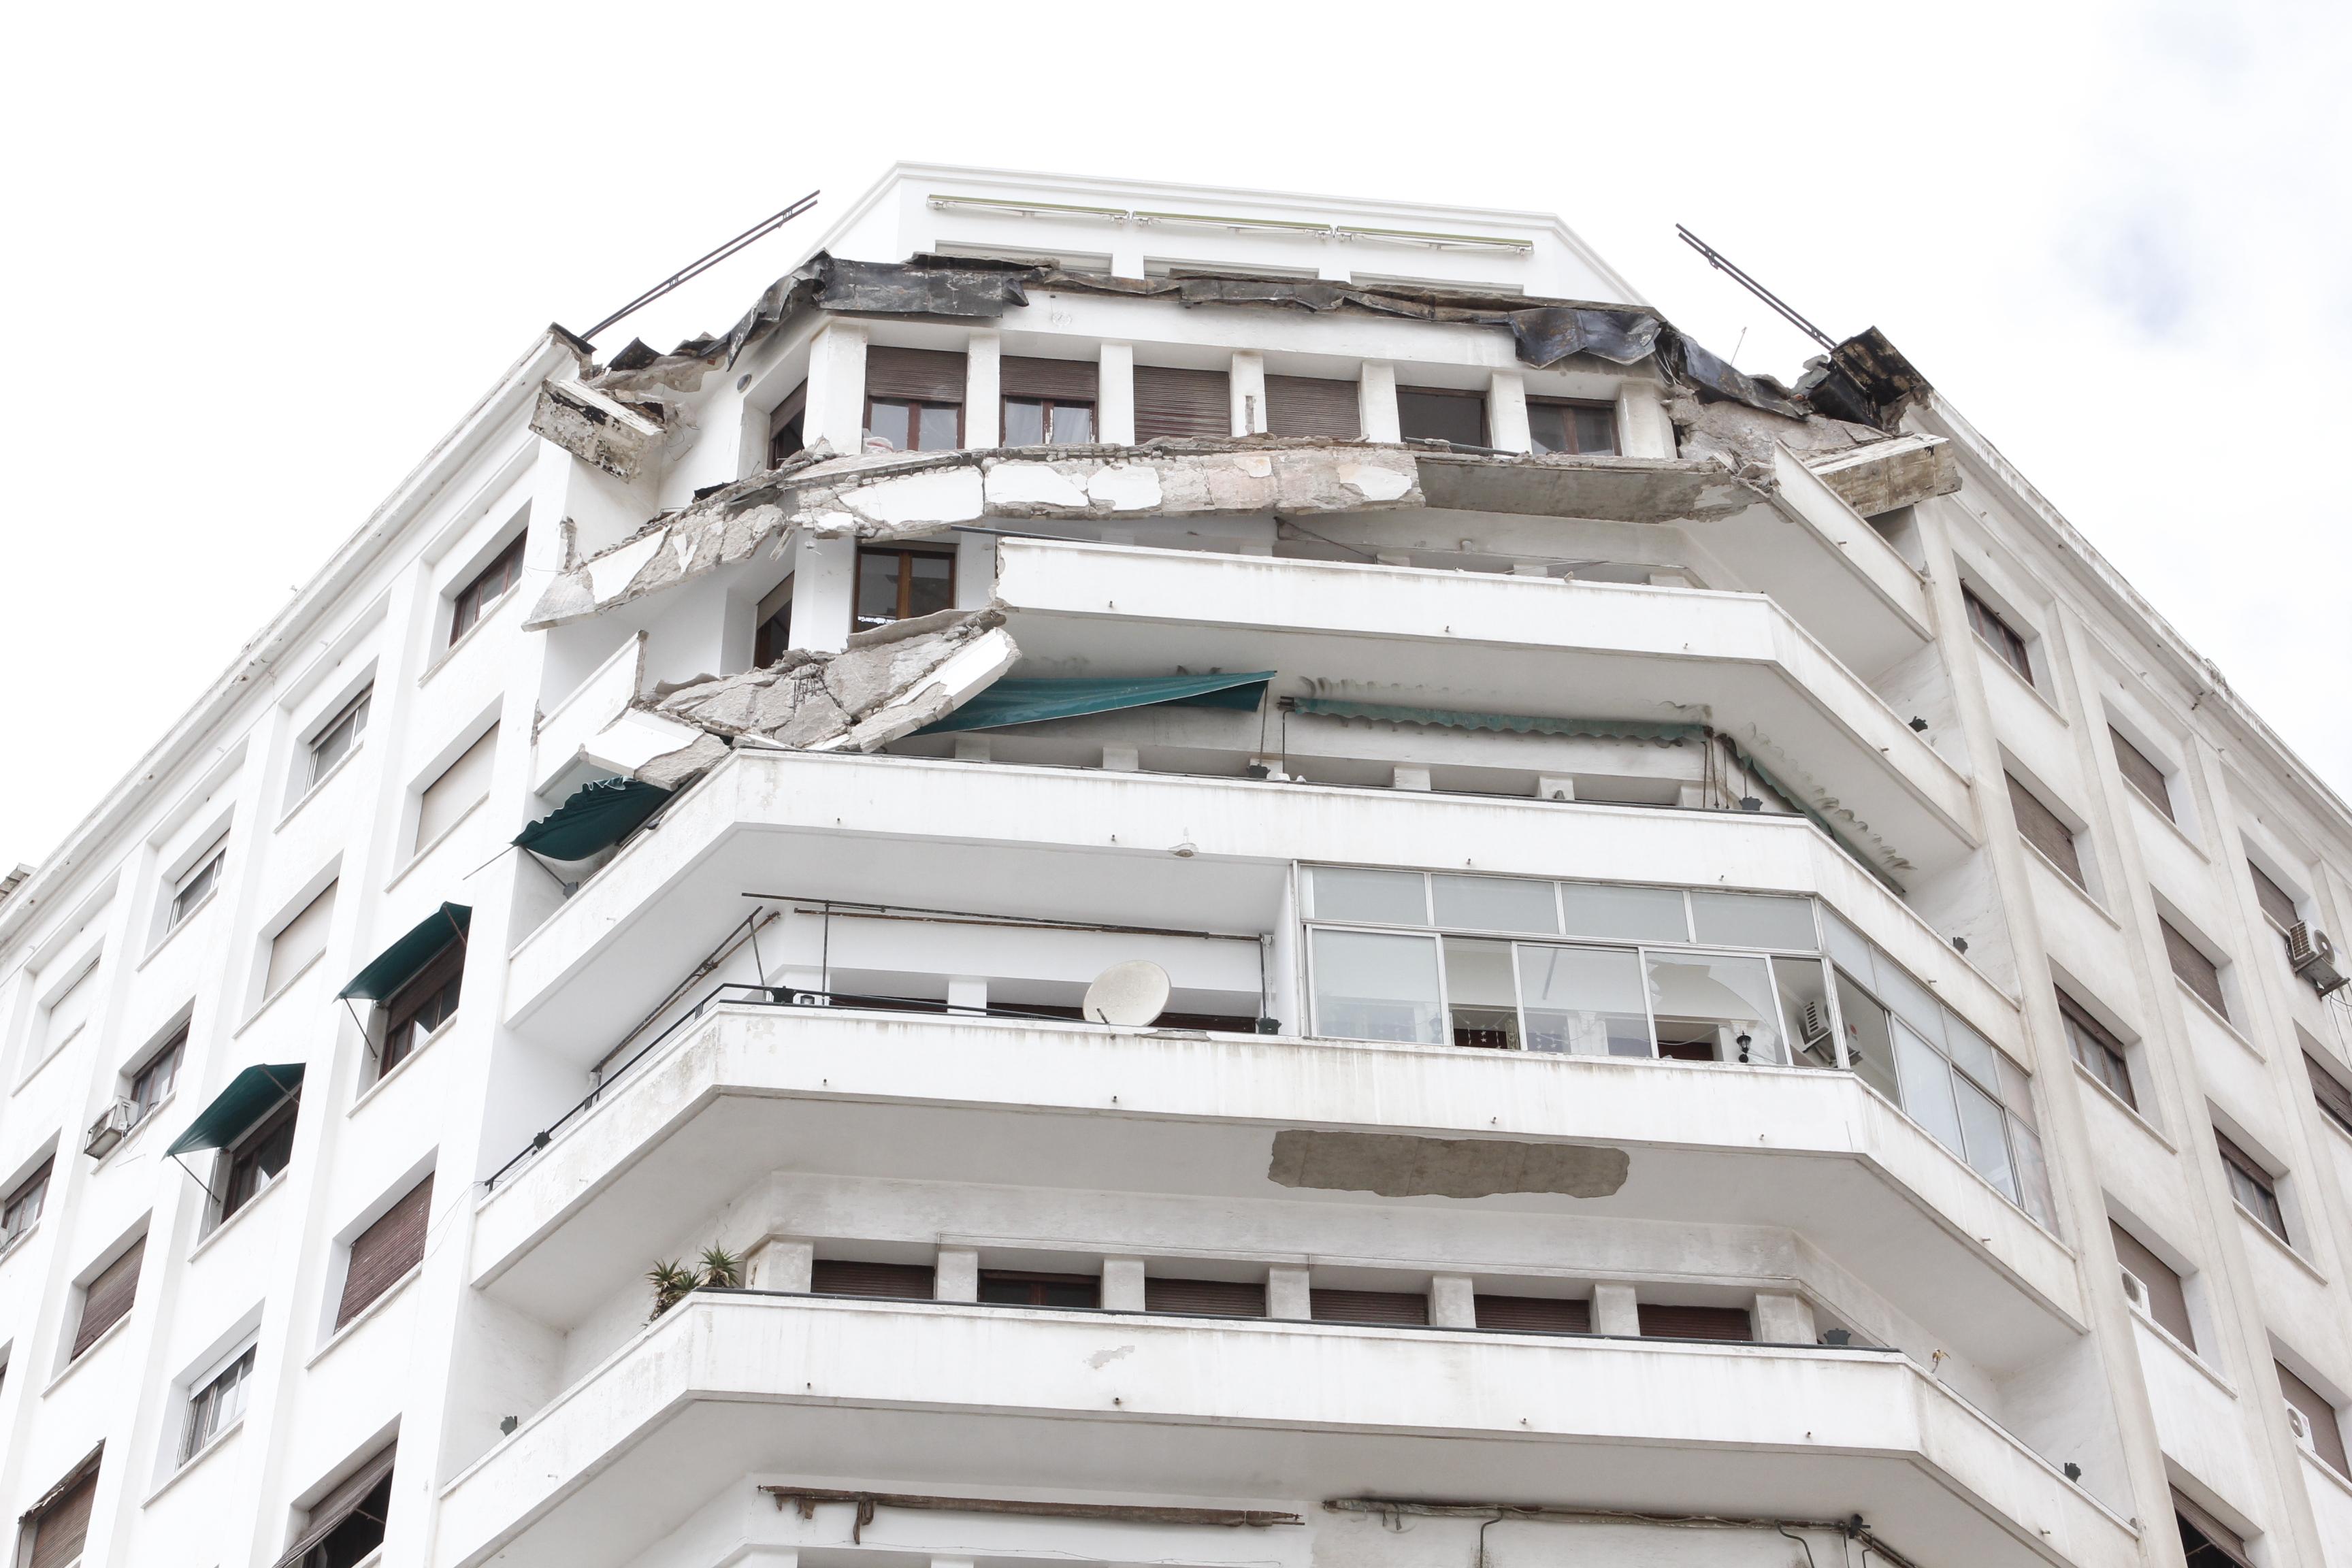 Casablanca : Le fronton d'un immeuble plonge de 10 étages pour s'écraser dans la rue